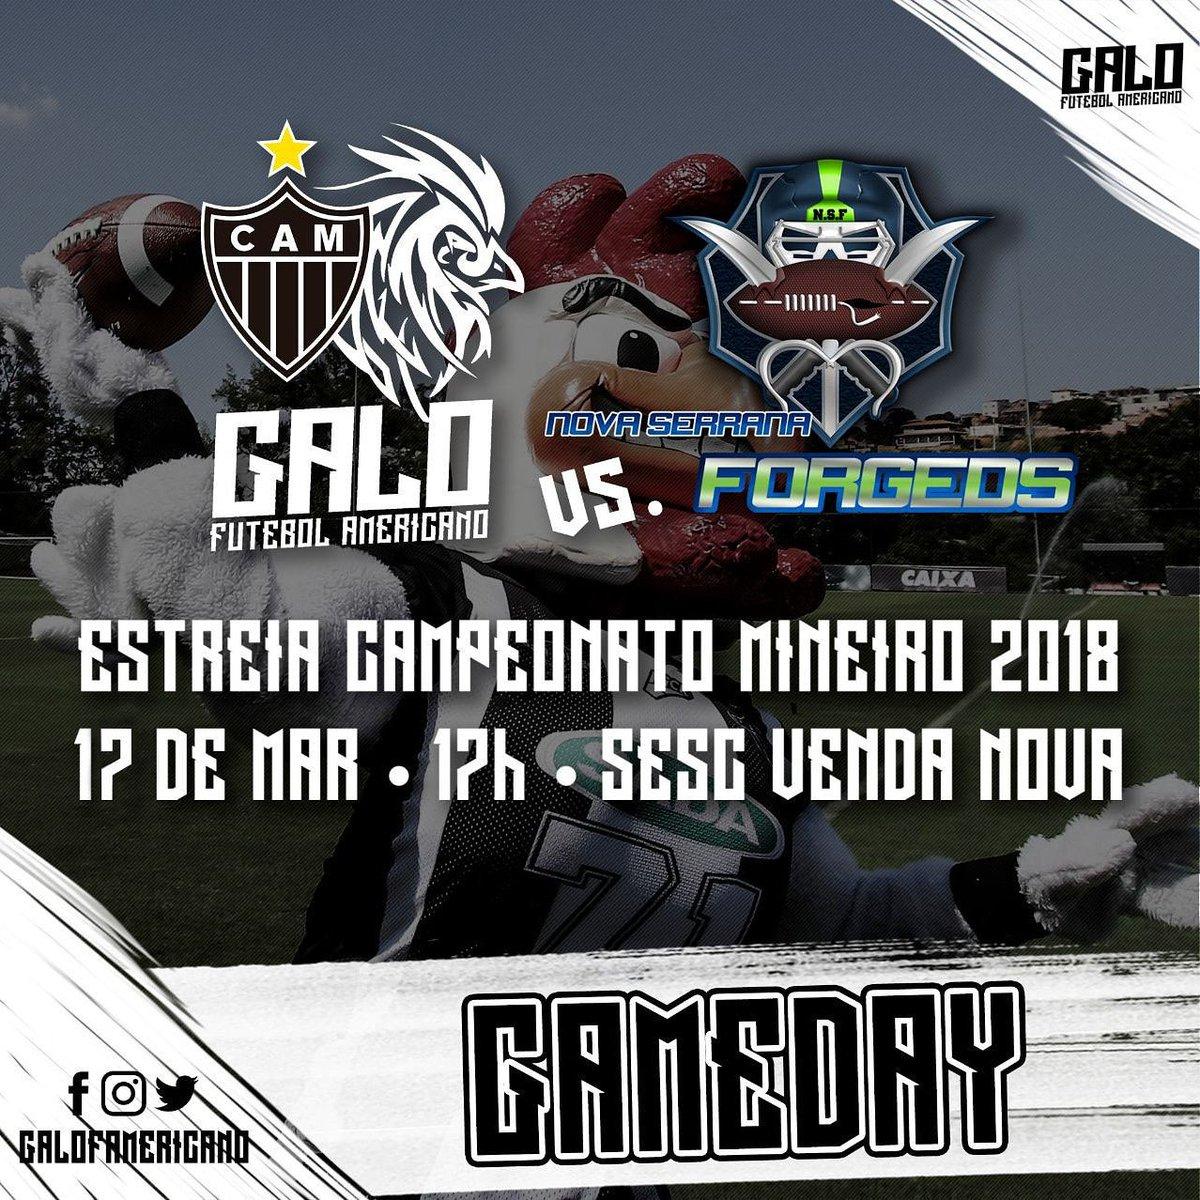 ffe3bec20 Touchdown! Confira a estreia do  galofamericano ao vivo! O Galo FA